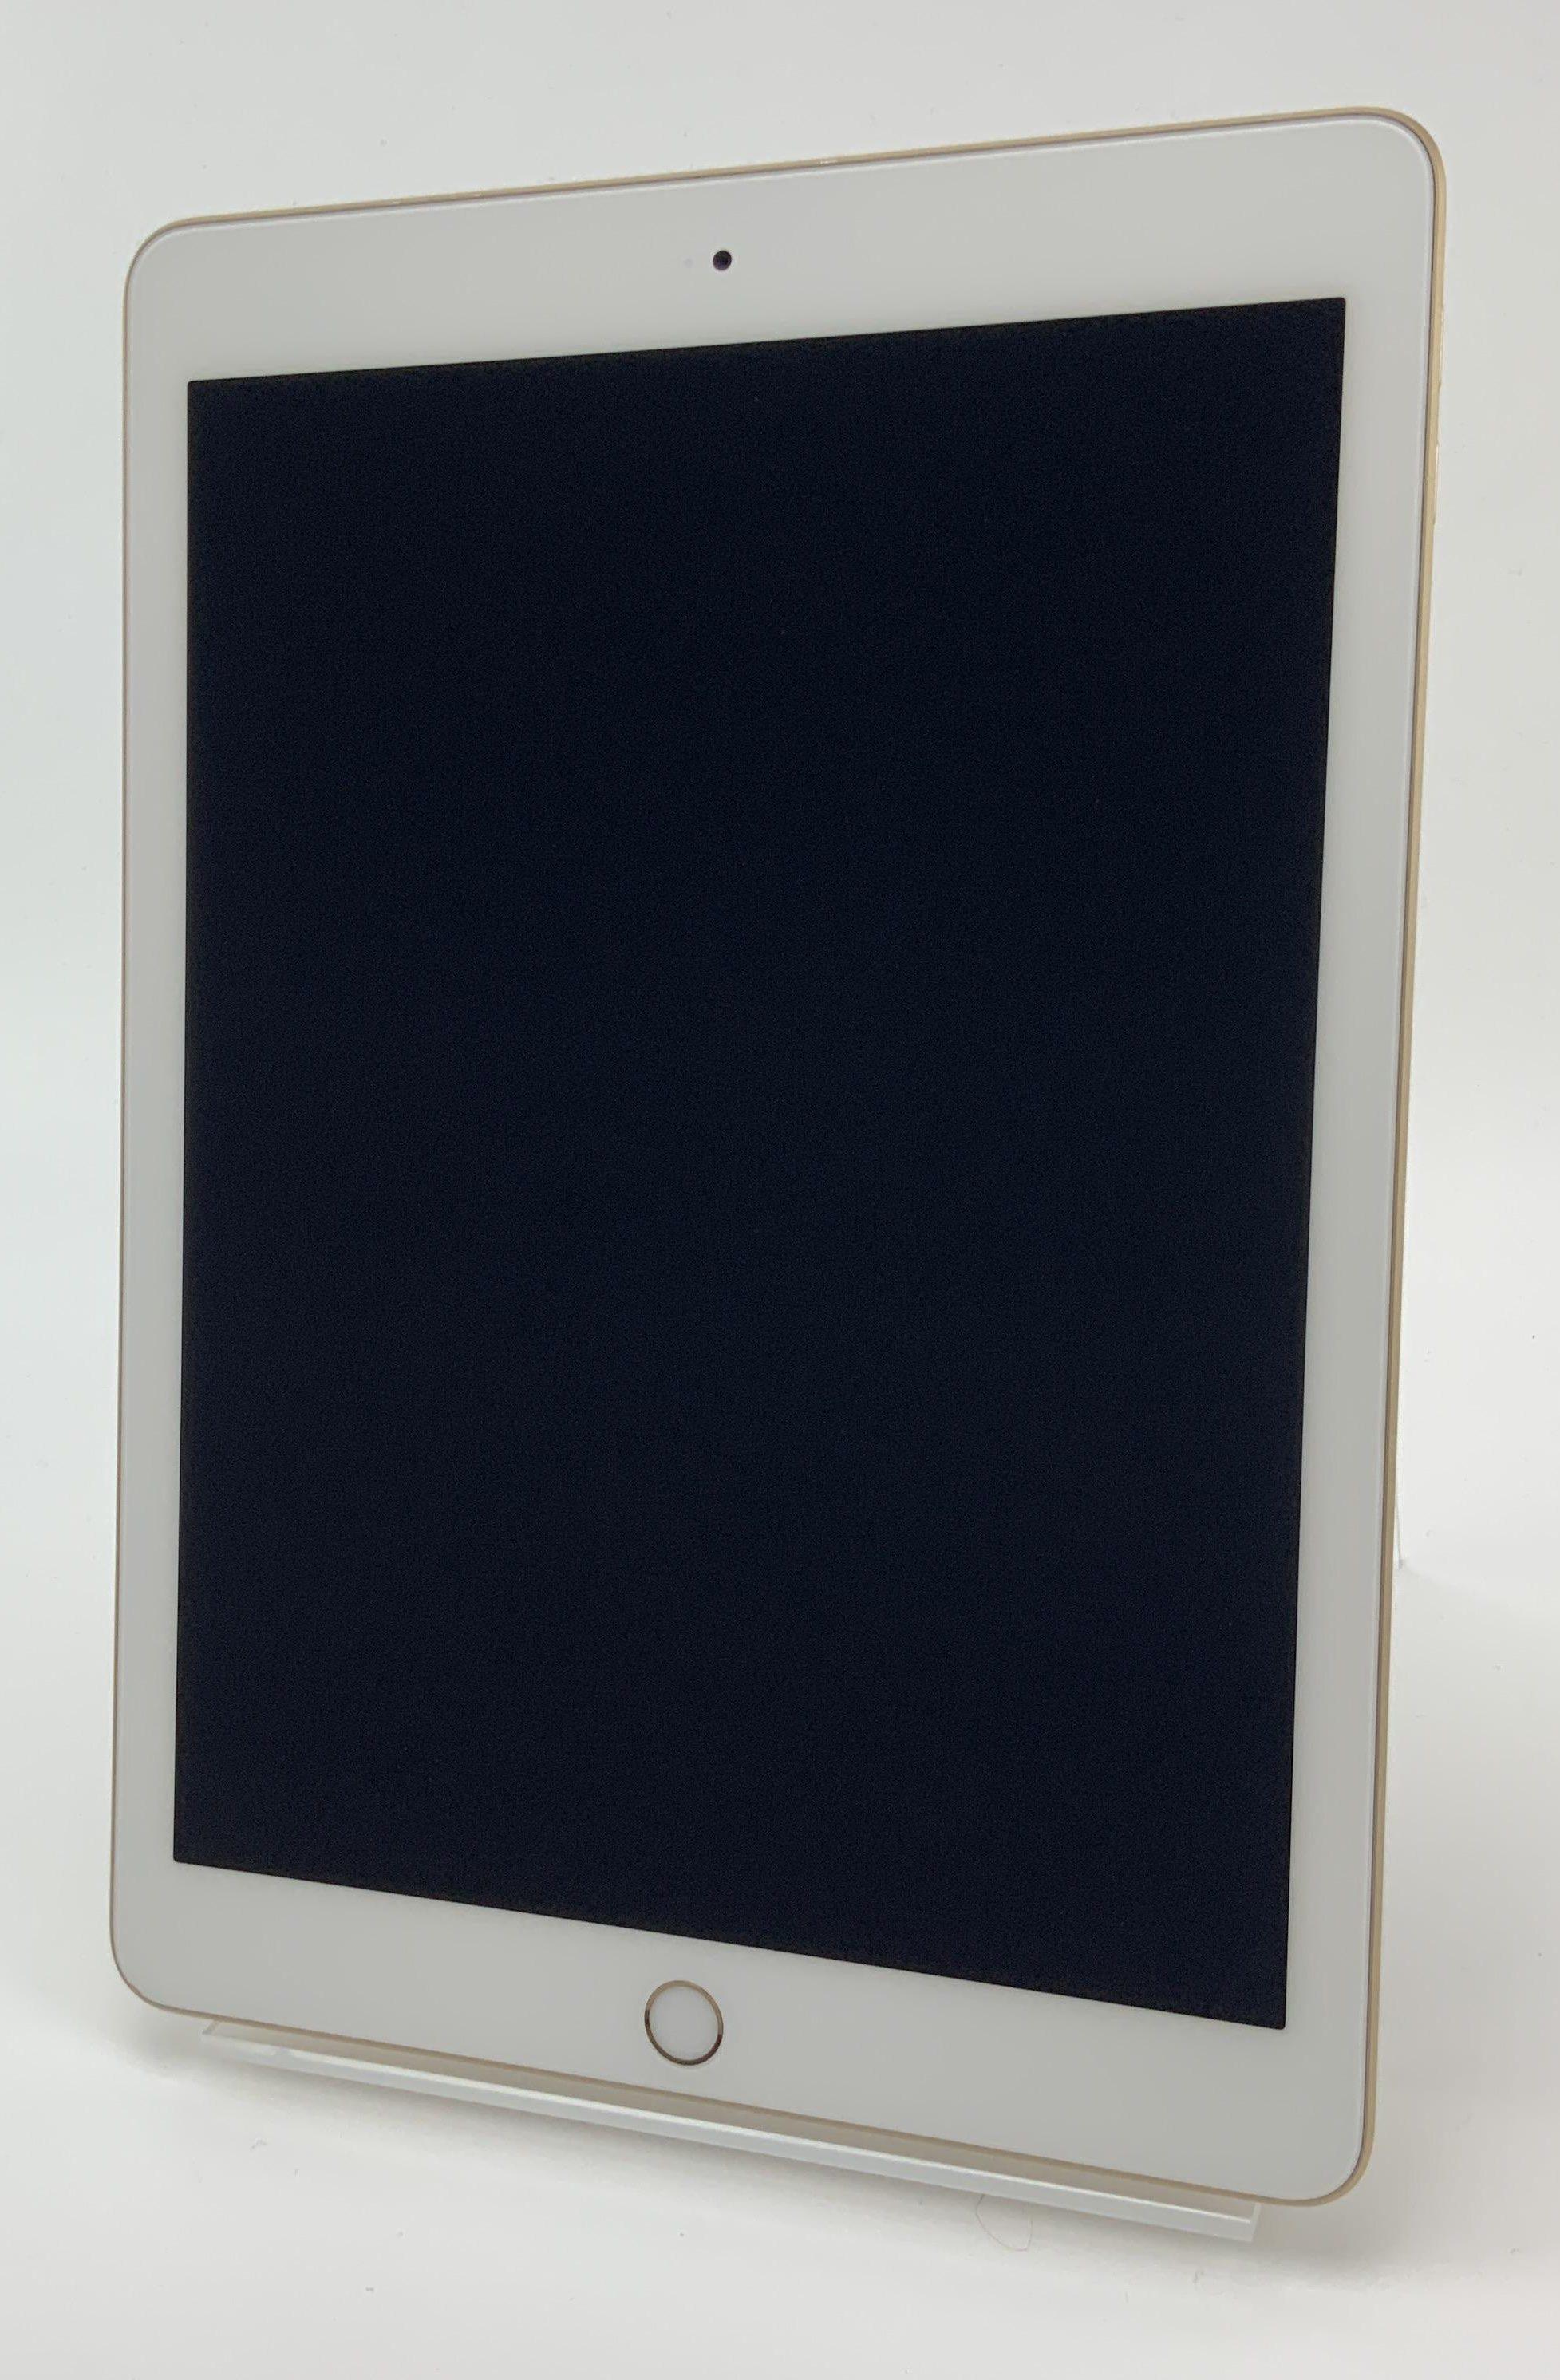 iPad 5 Wi-Fi 32GB, 32GB, Gold, imagen 1